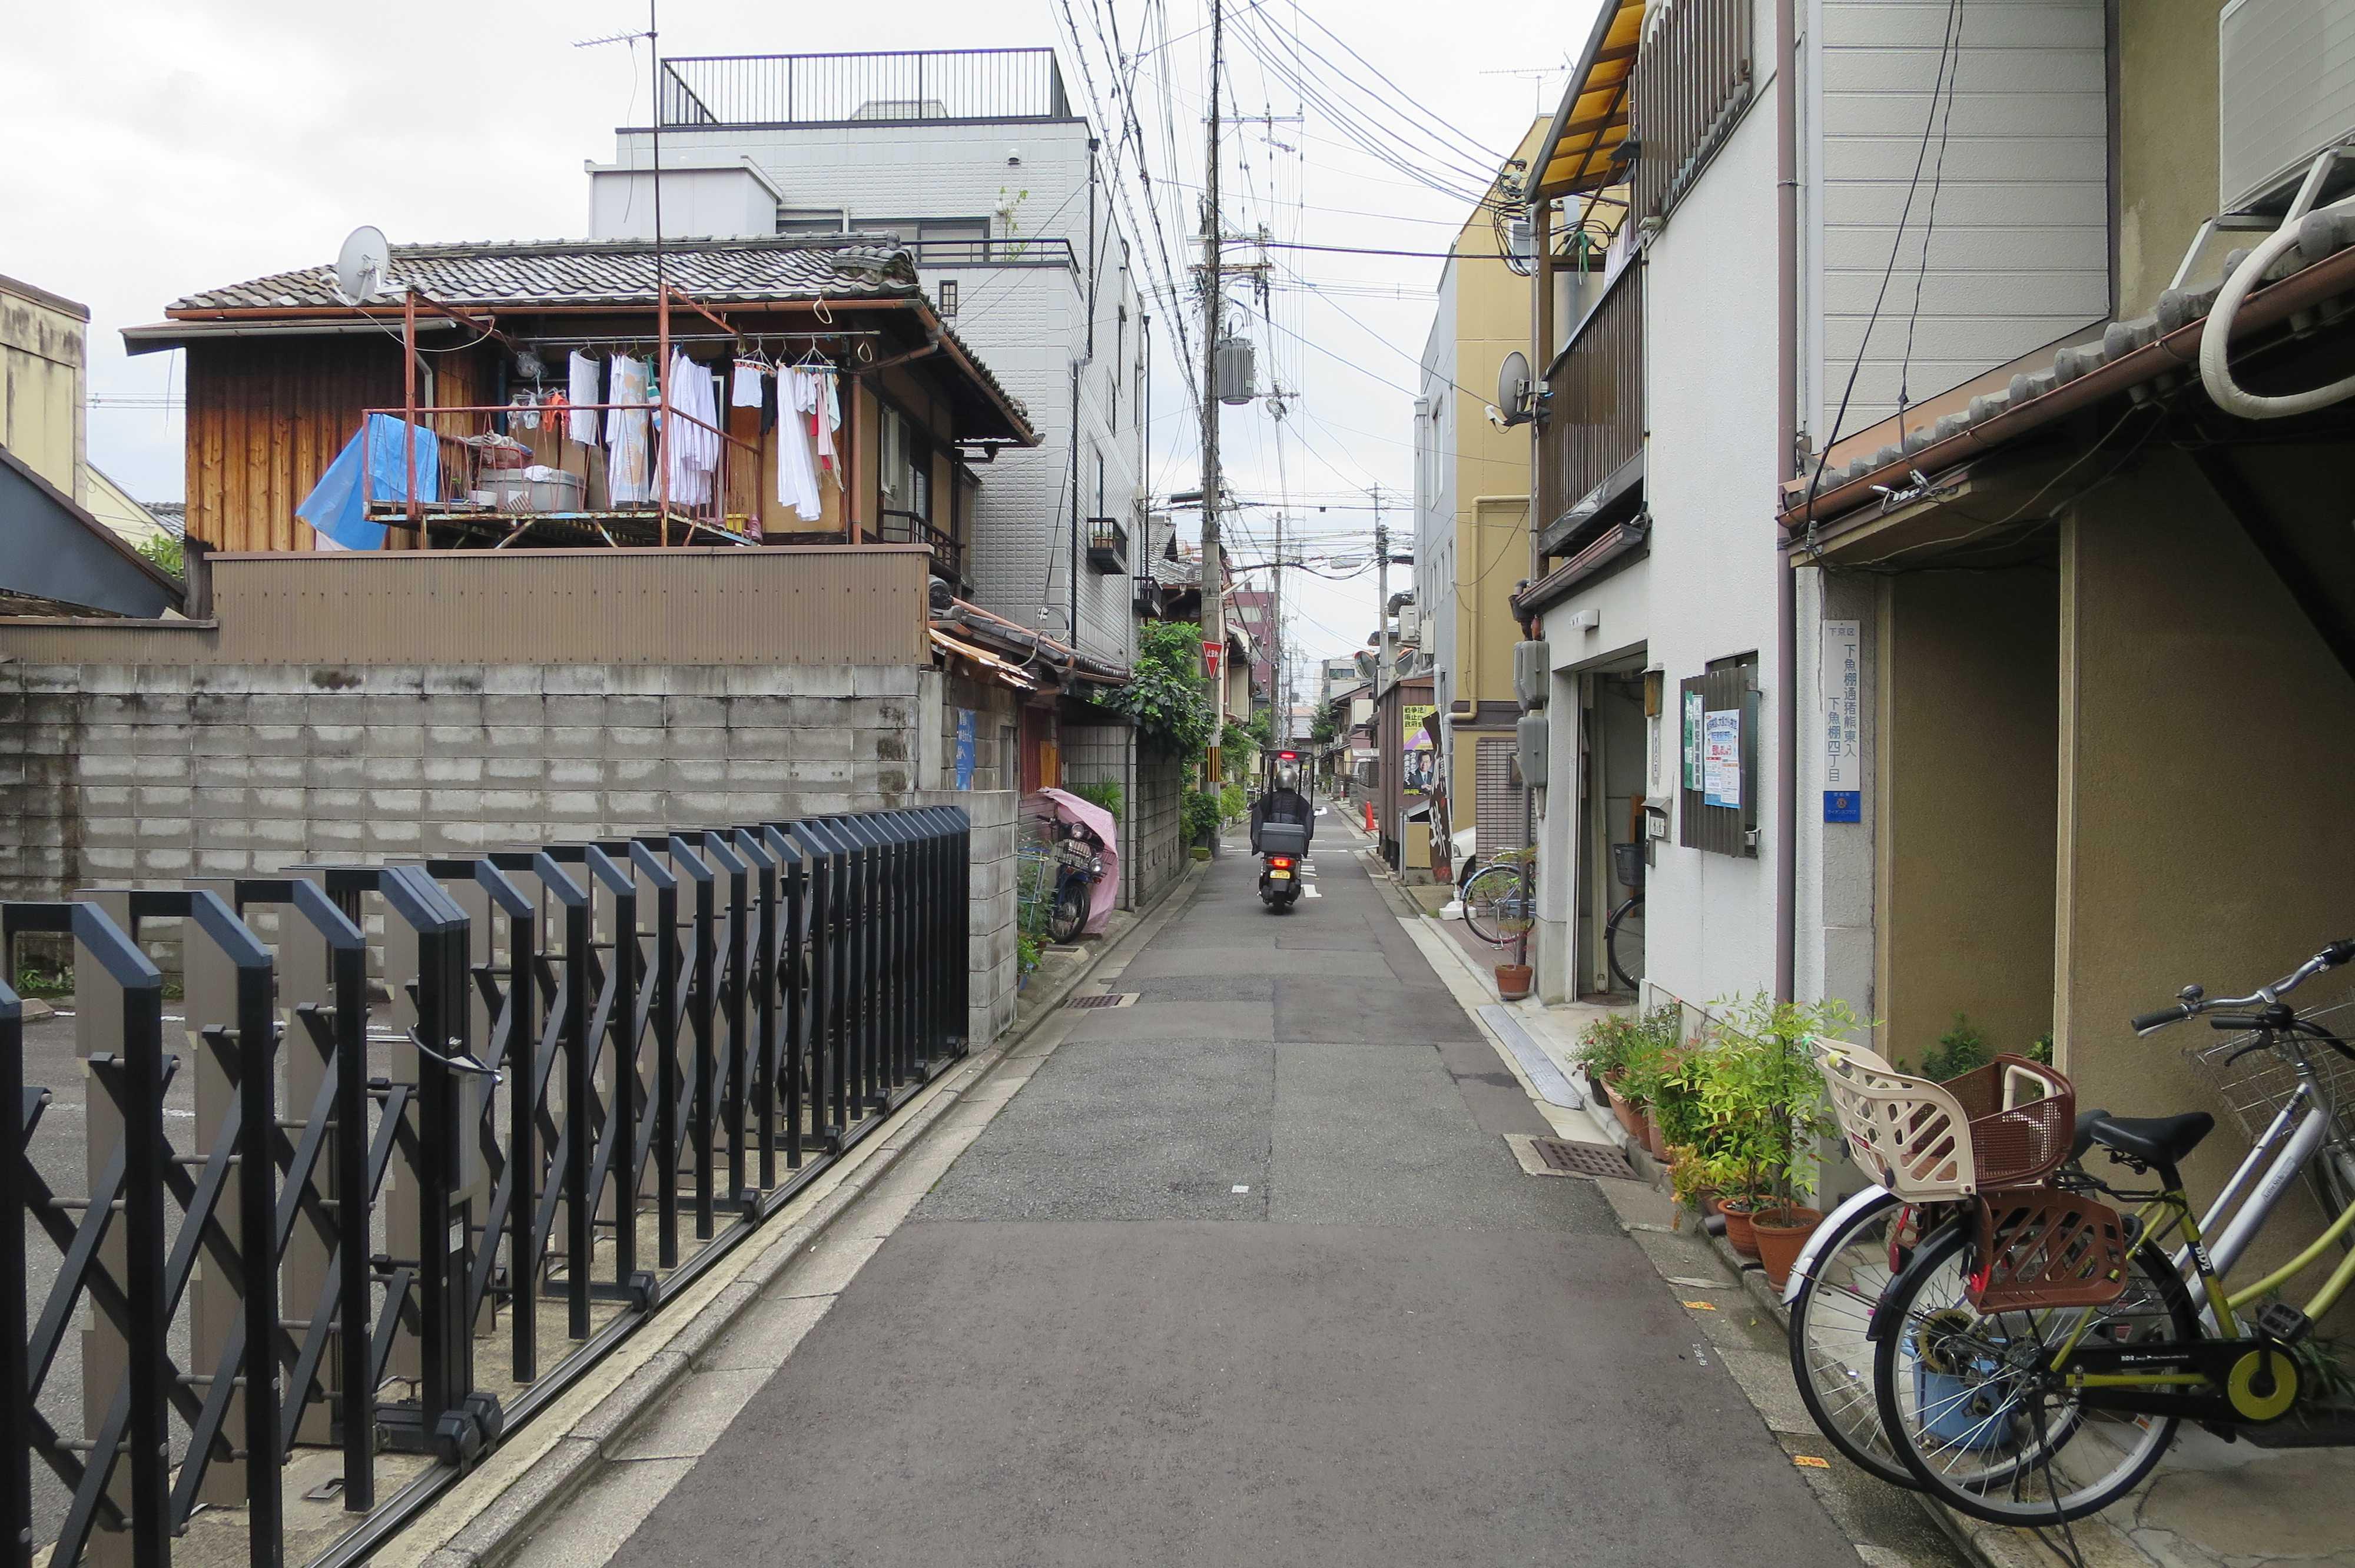 ラッタッタに乗るお坊さん - 京都の路地